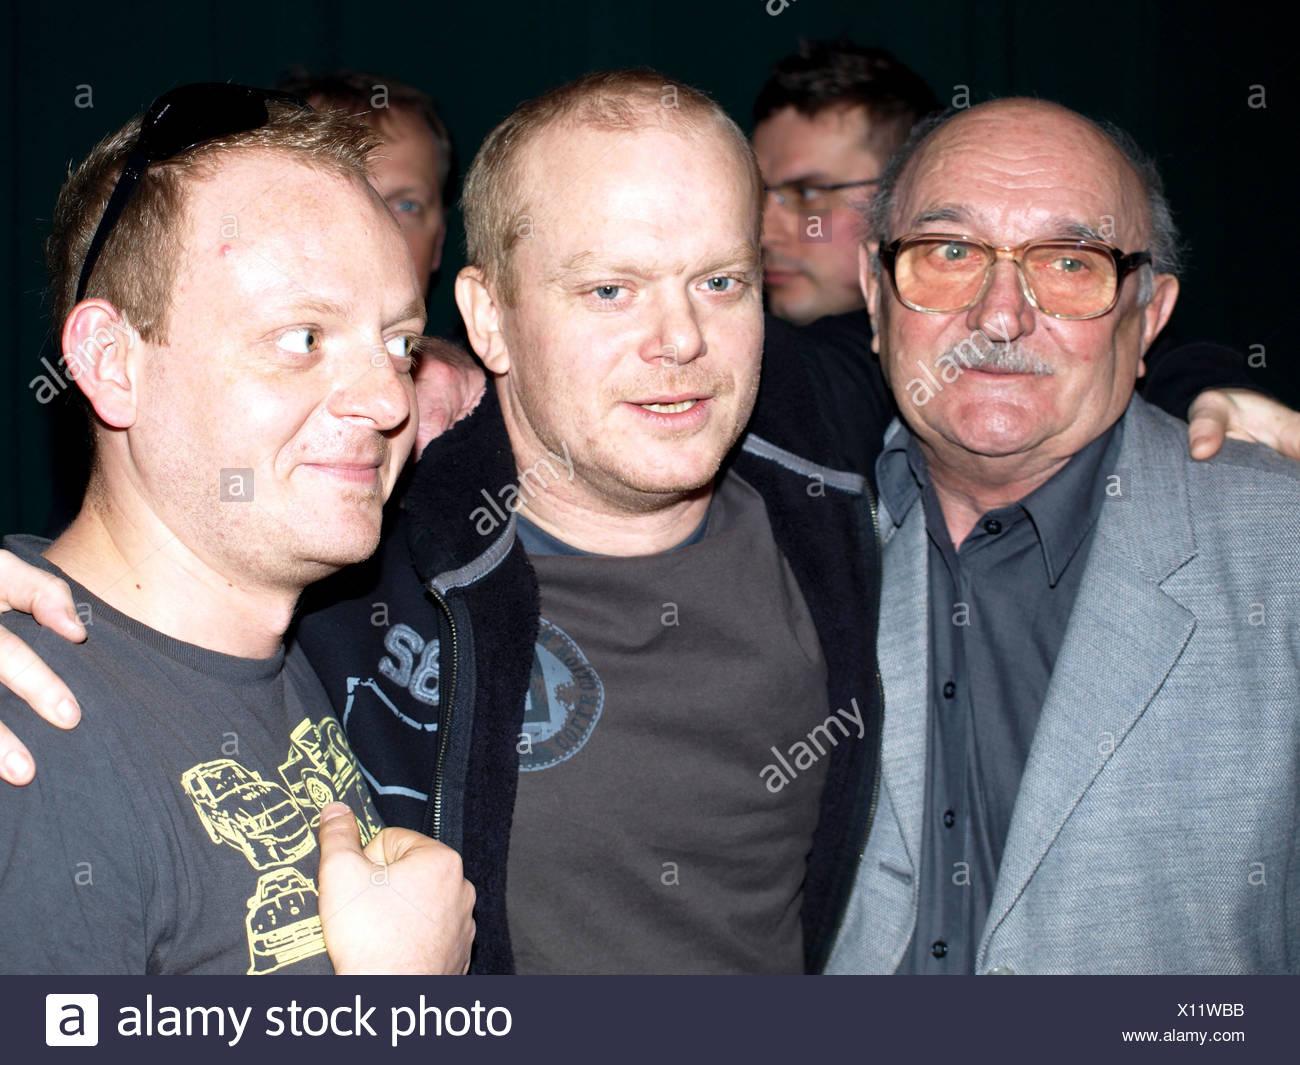 Josef Somr jako otec a David Novotny jako syn,Lubos Kostelny jako vnuk, film O rodicich a detech, ti - Stock Image